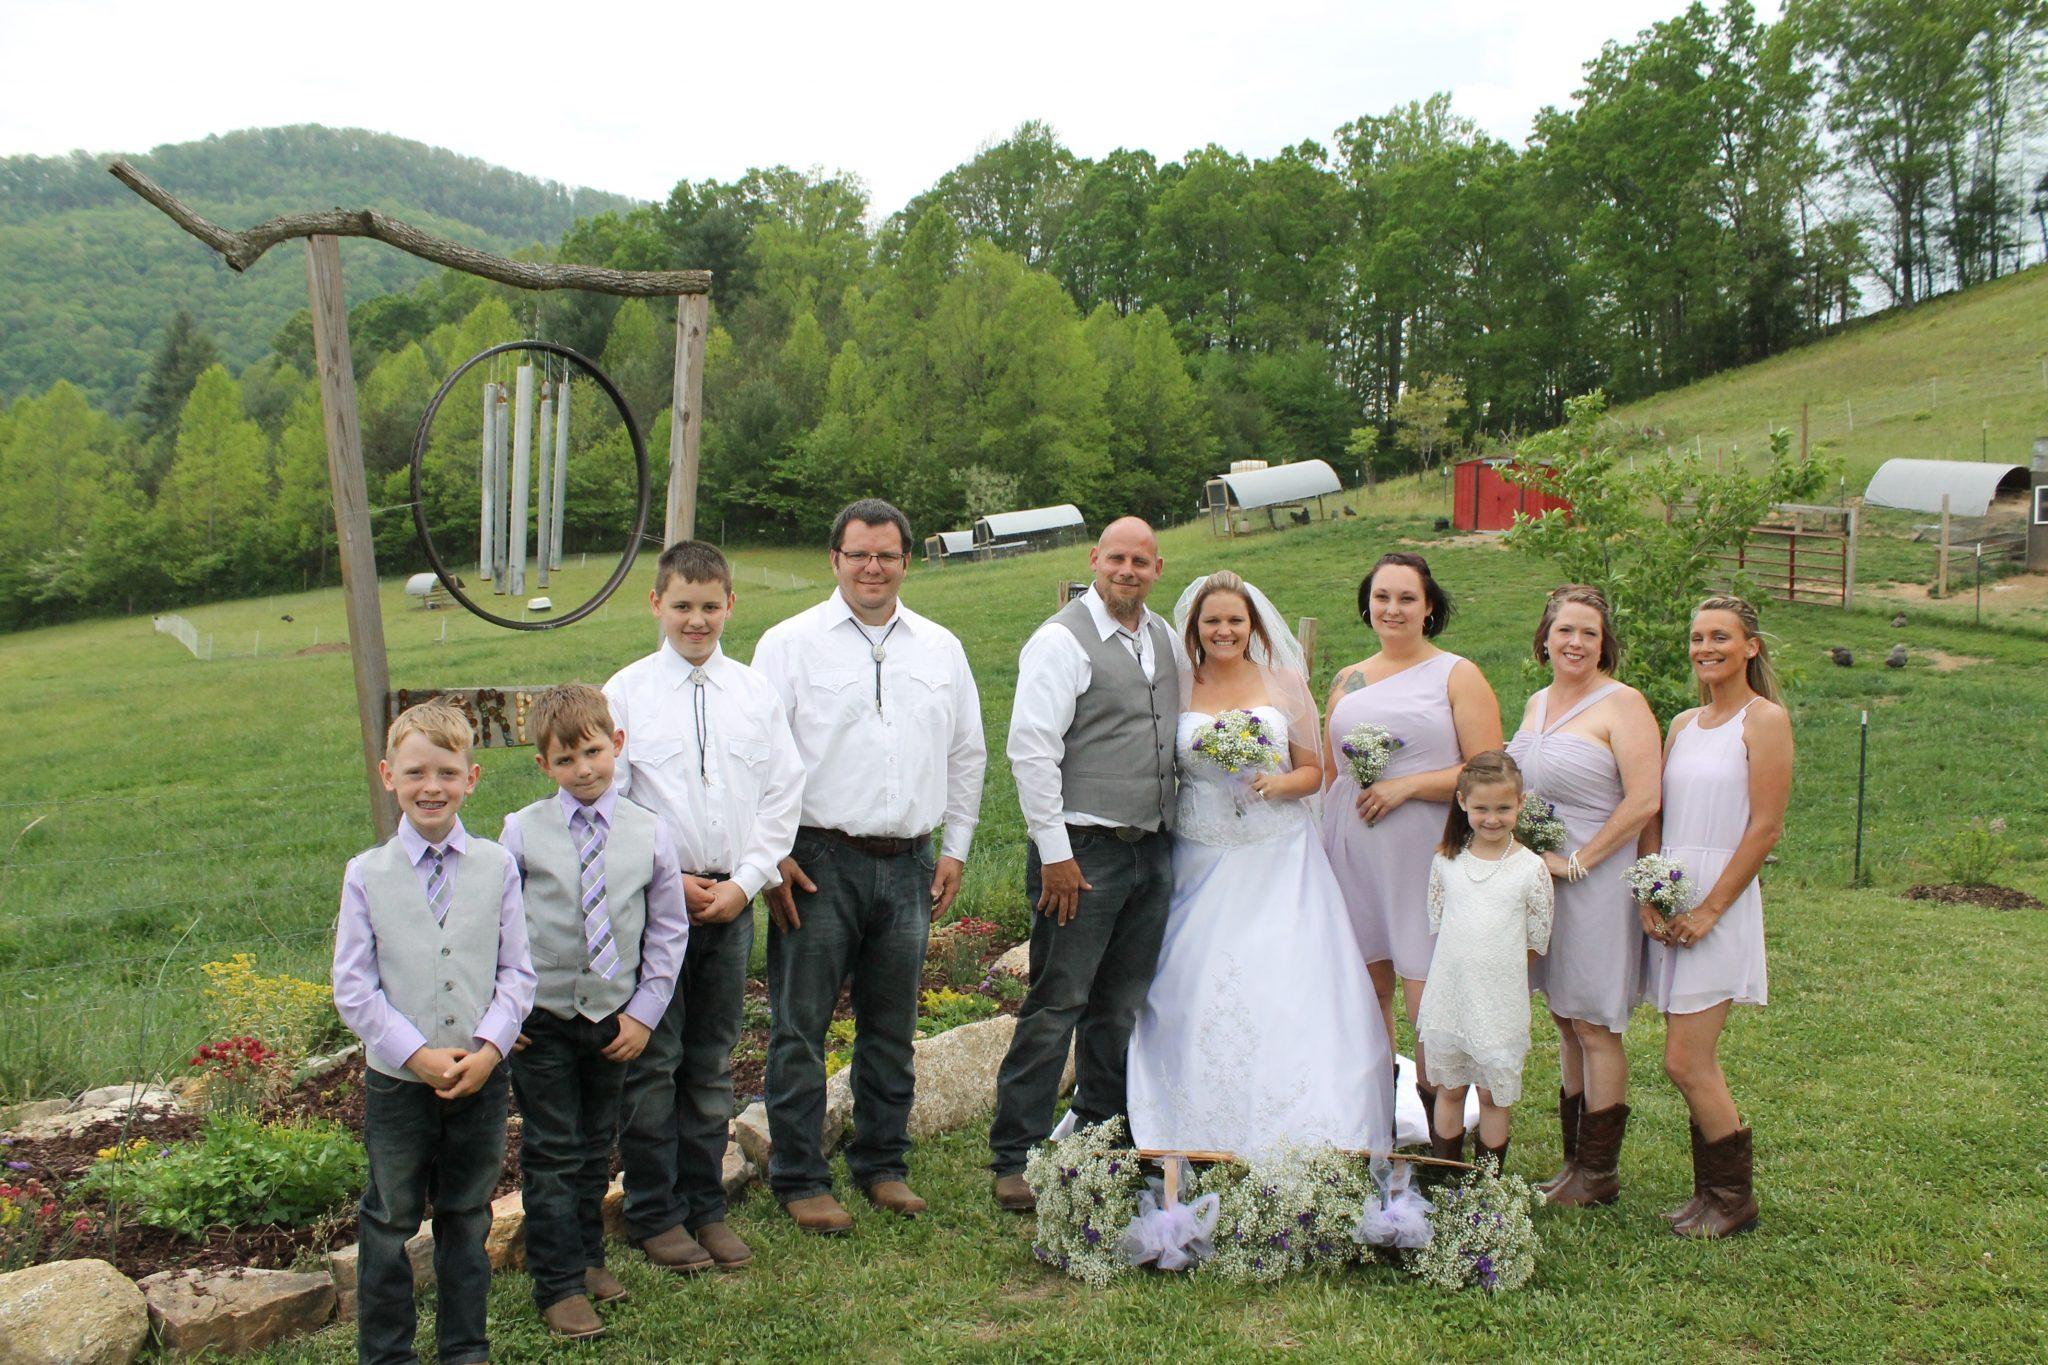 farm wedding party